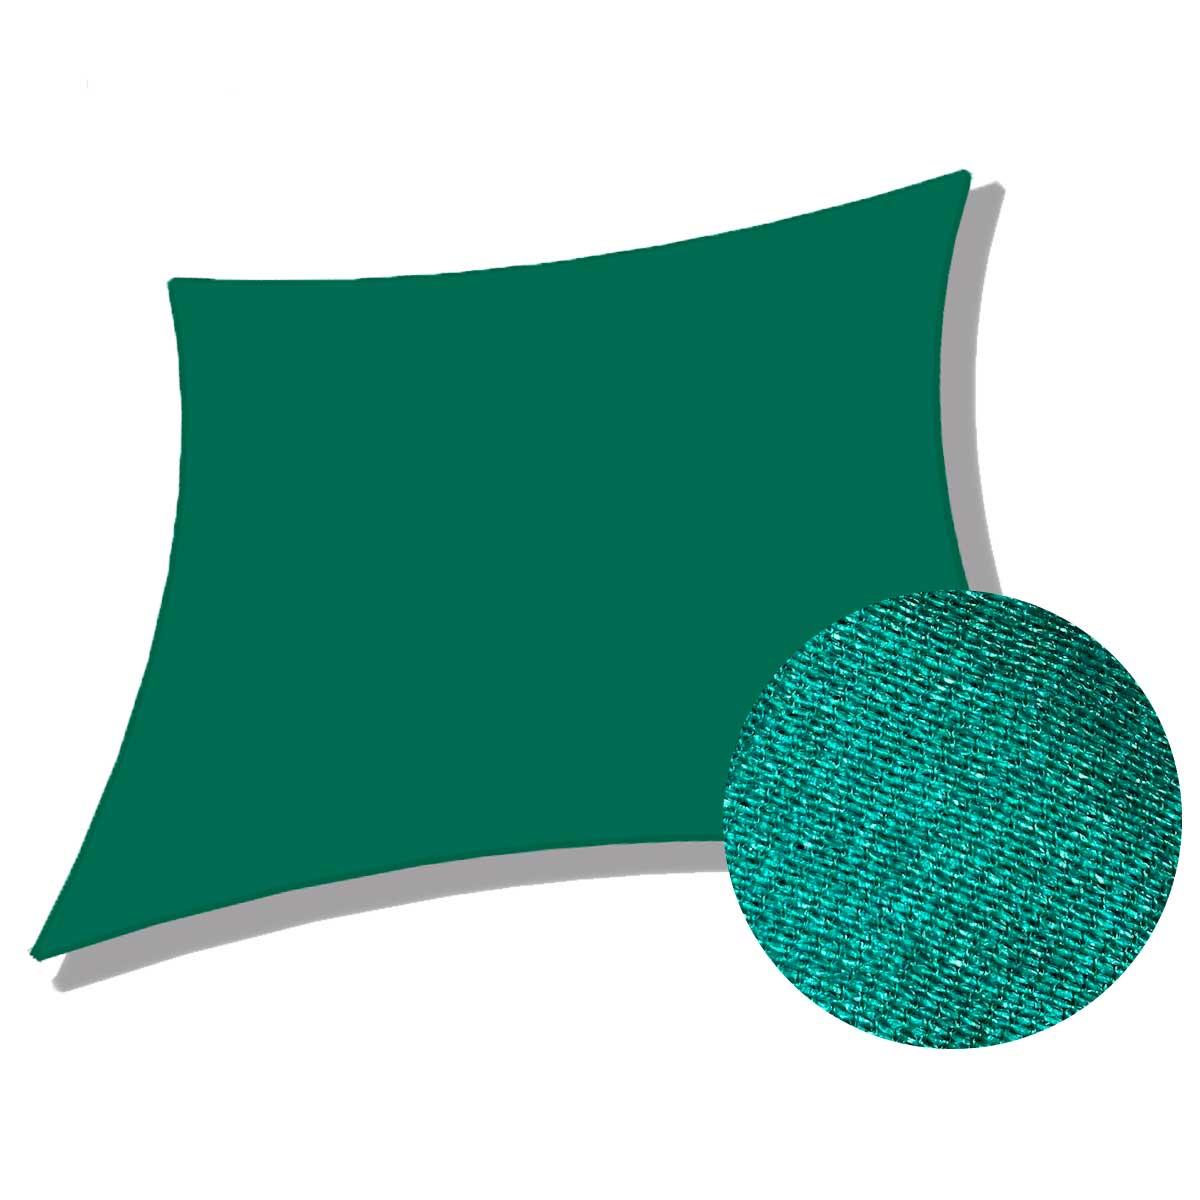 Tela Decorativa Sombrite Verde Sem Acabamento 4x9m